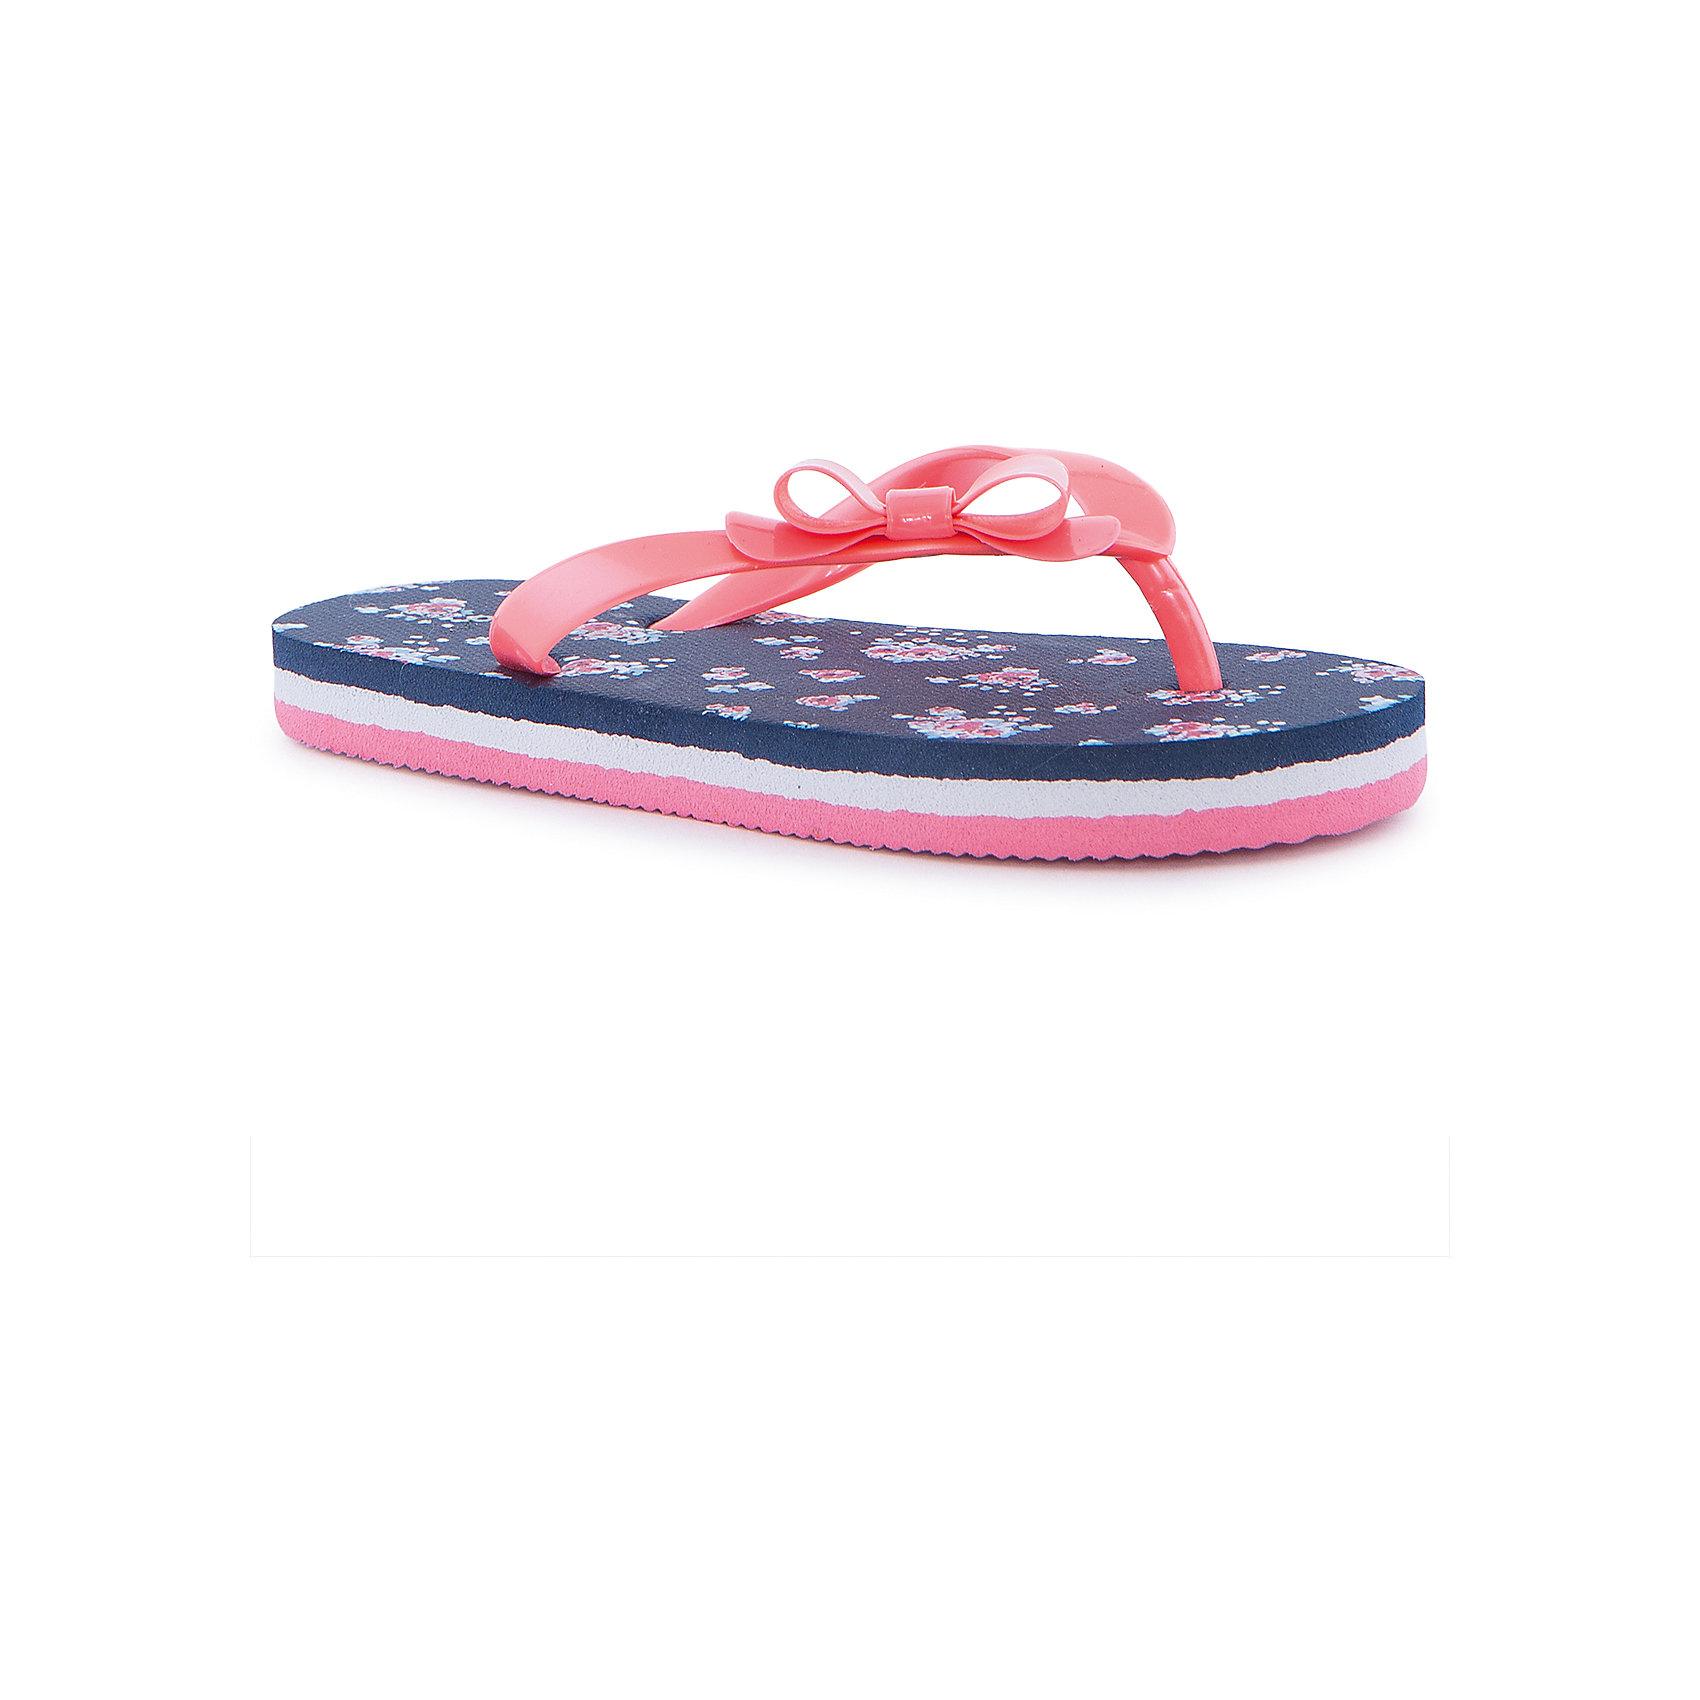 PlayToday Пантолеты для девочки PlayToday playtoday кроссовки для девочки playtoday